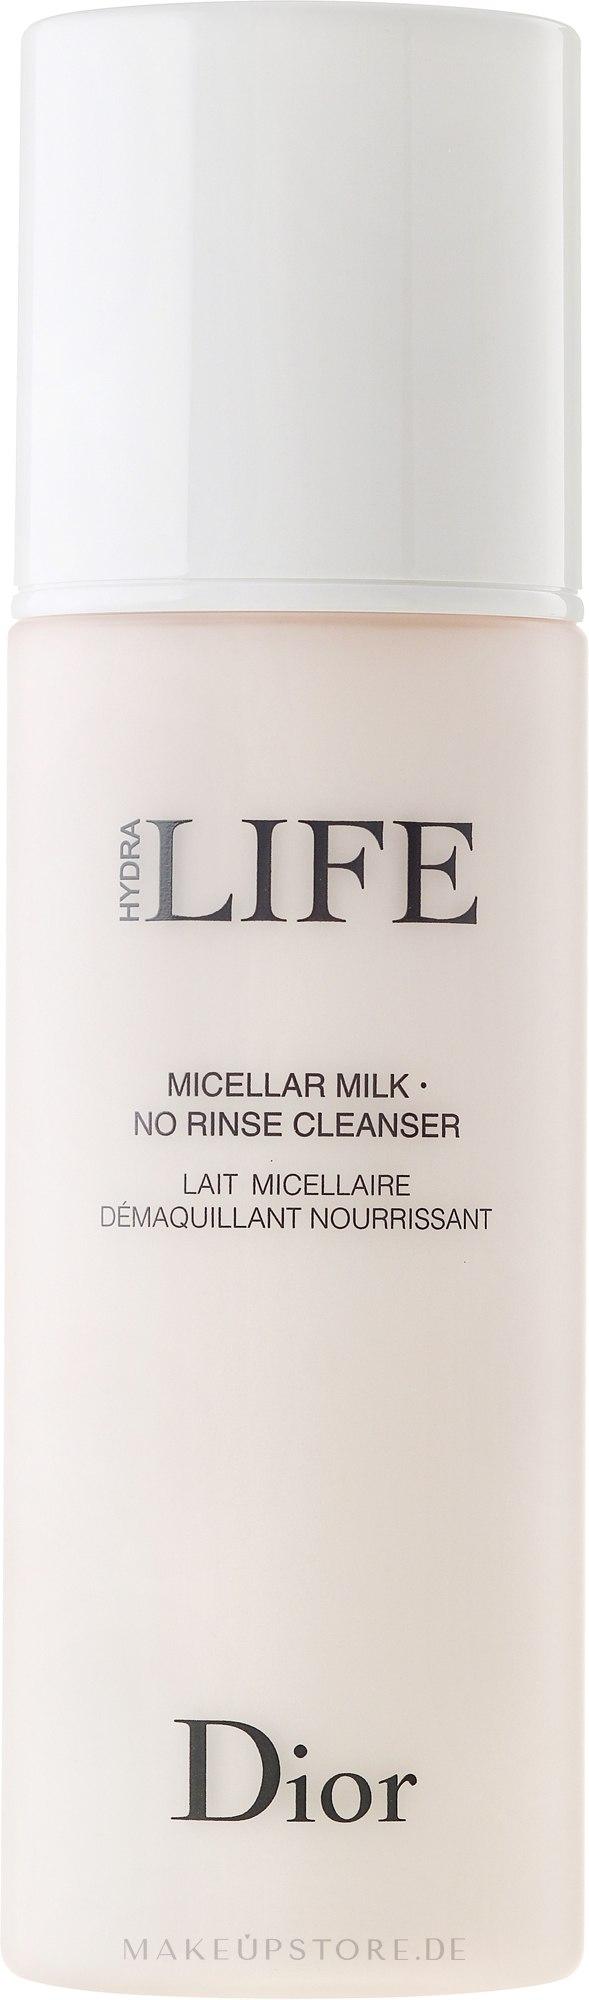 Mizellenmilch für das Gesicht - Dior Hydra Life Micellar Milk — Bild 200 ml